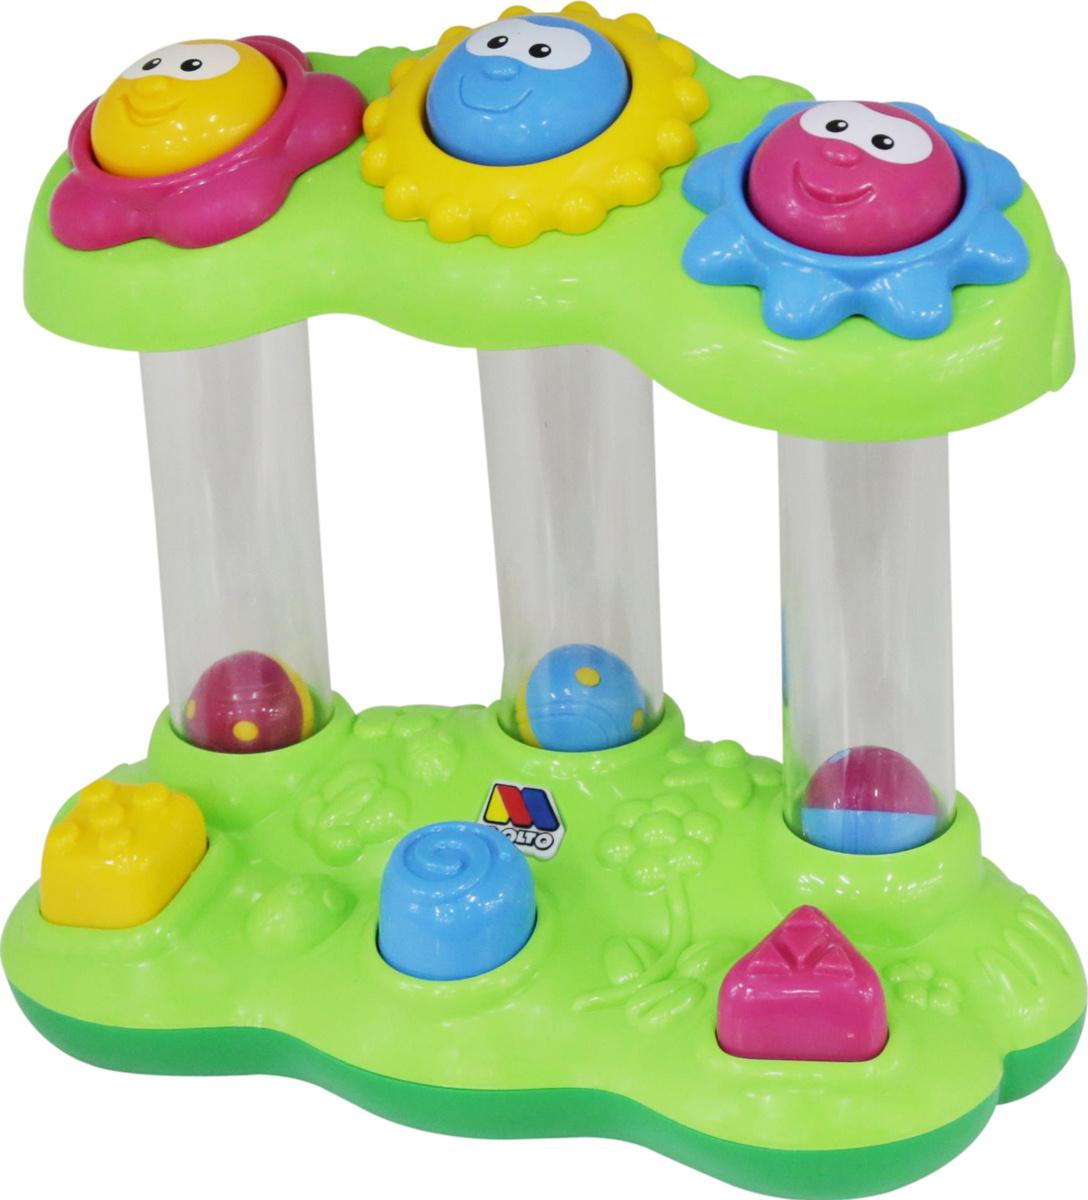 Полесье Развивающая игрушка Забавный сад, цвет в ассортименте  #1